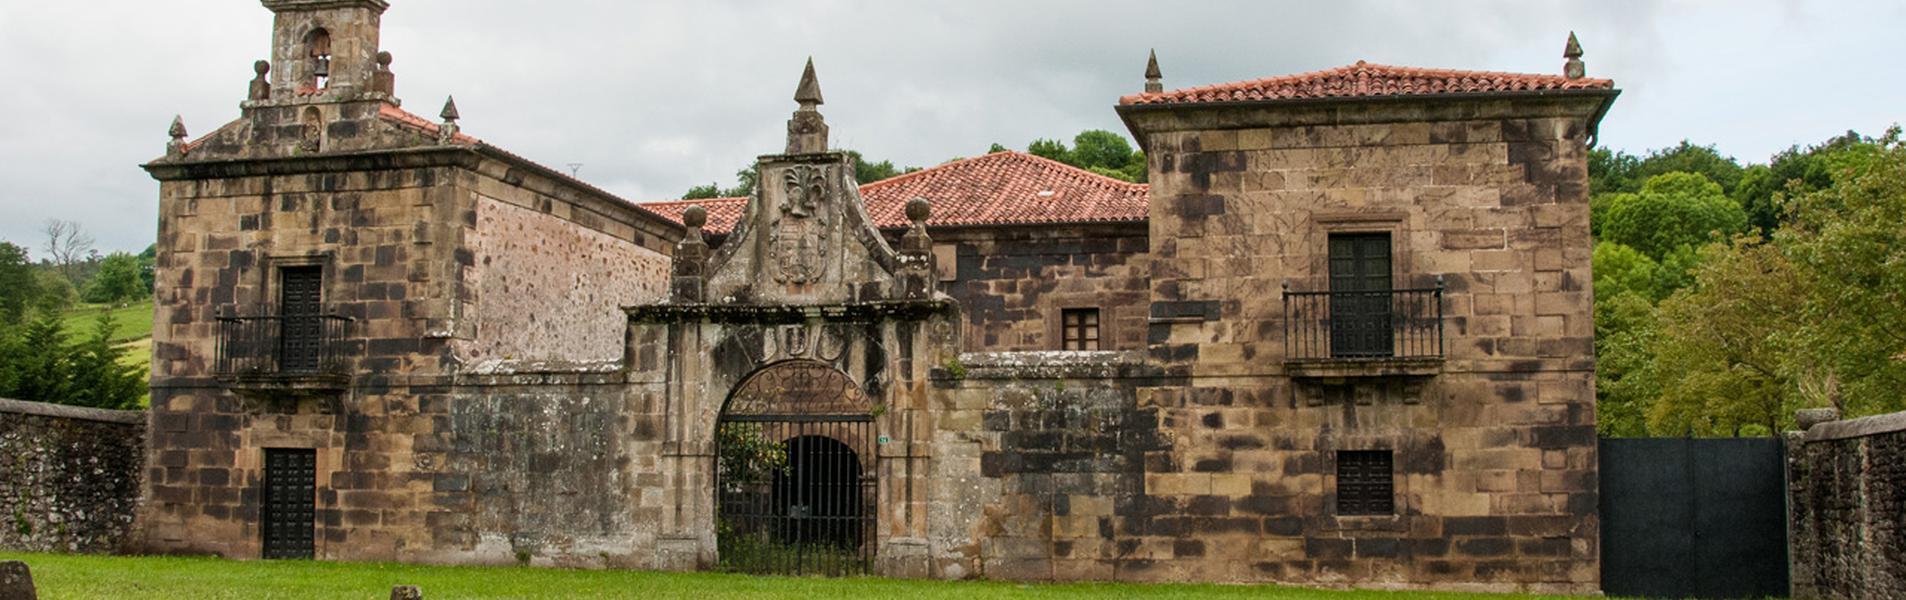 Palacio de Elsedo